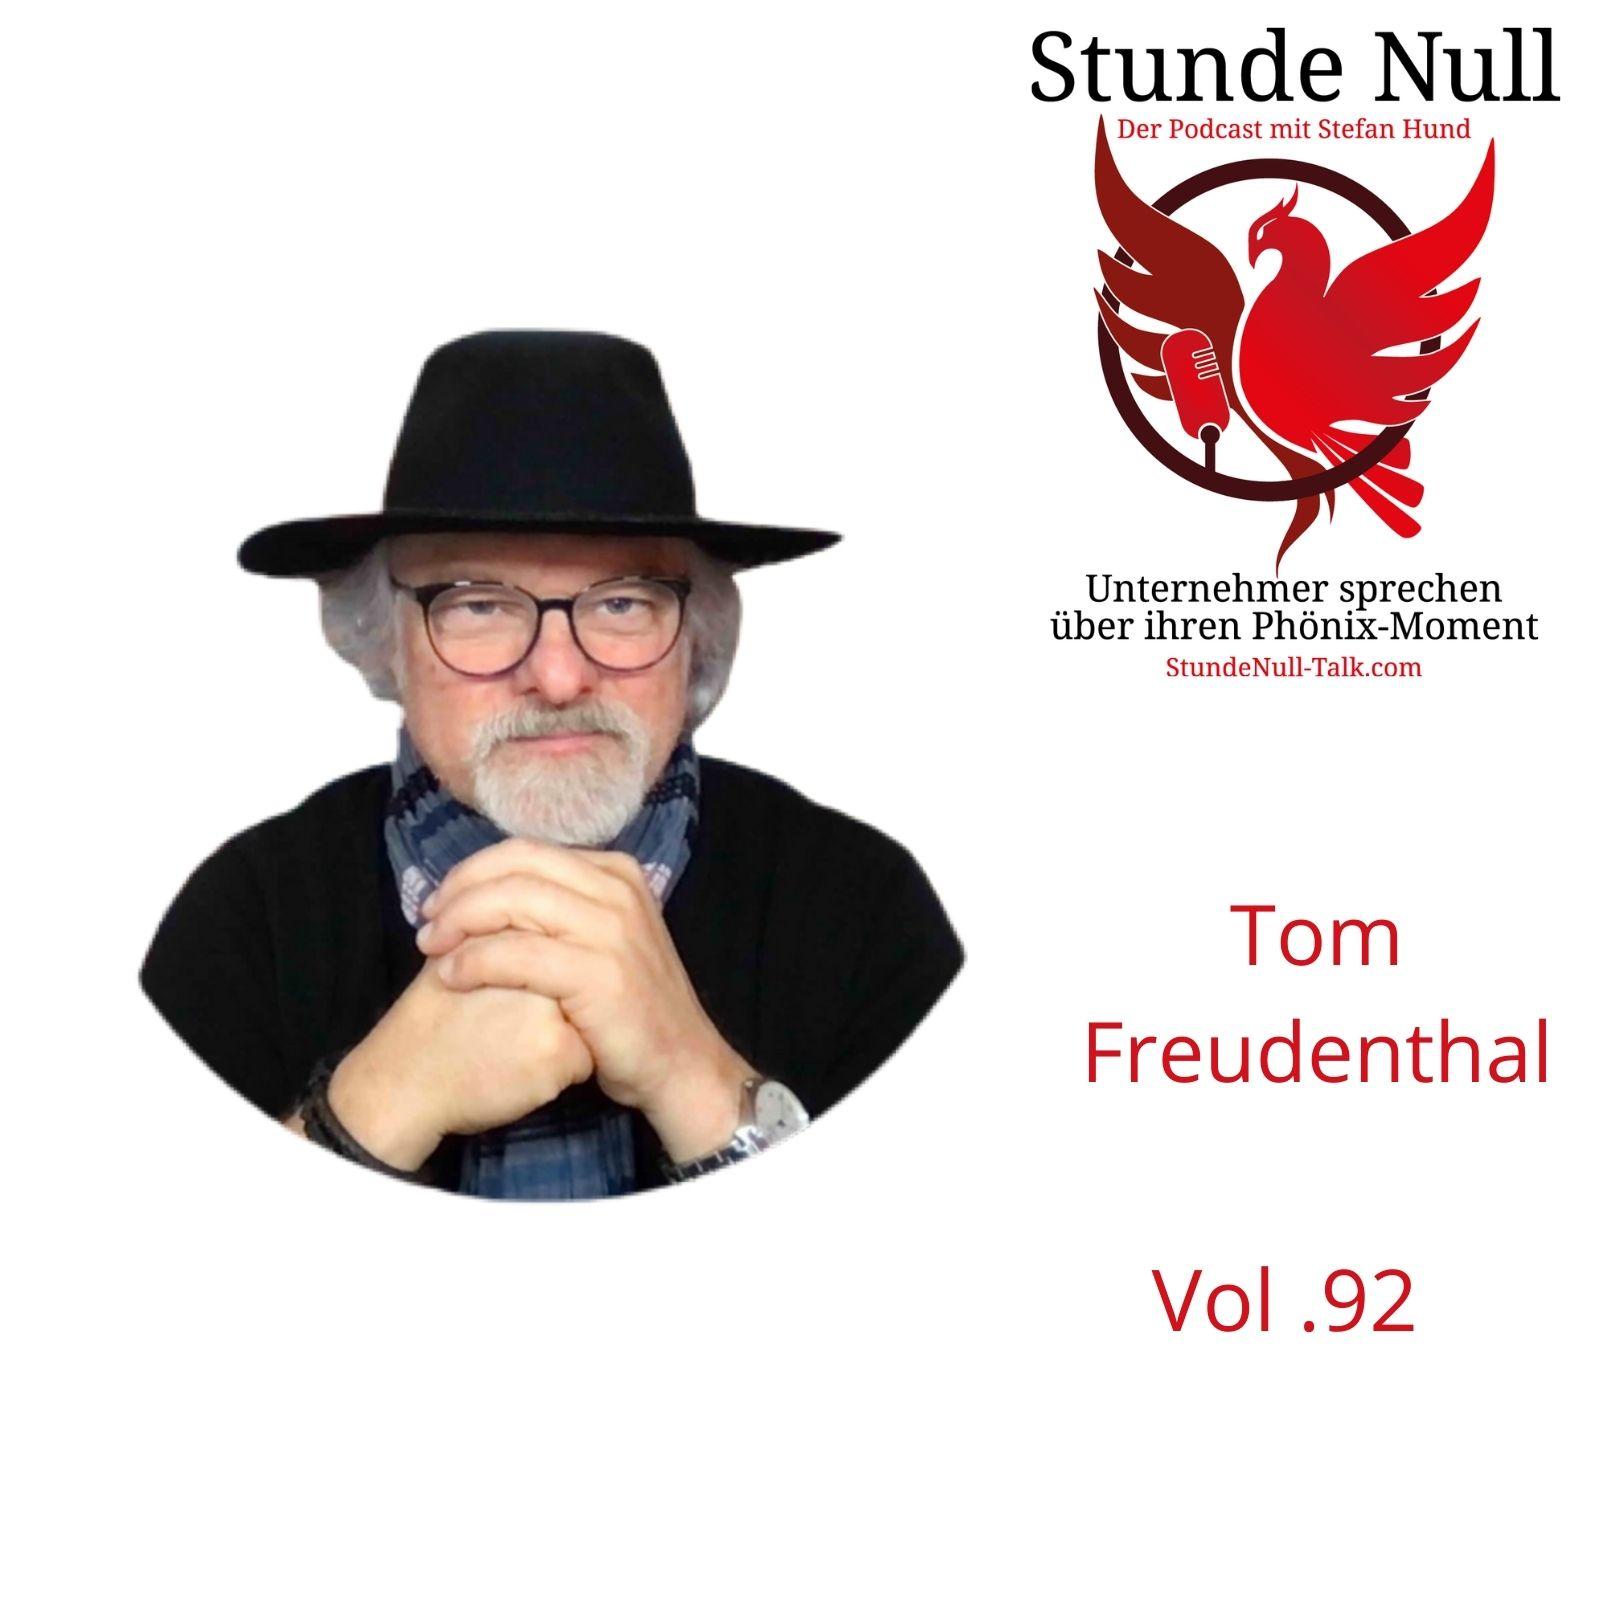 Artwork for podcast Stundenull-talk